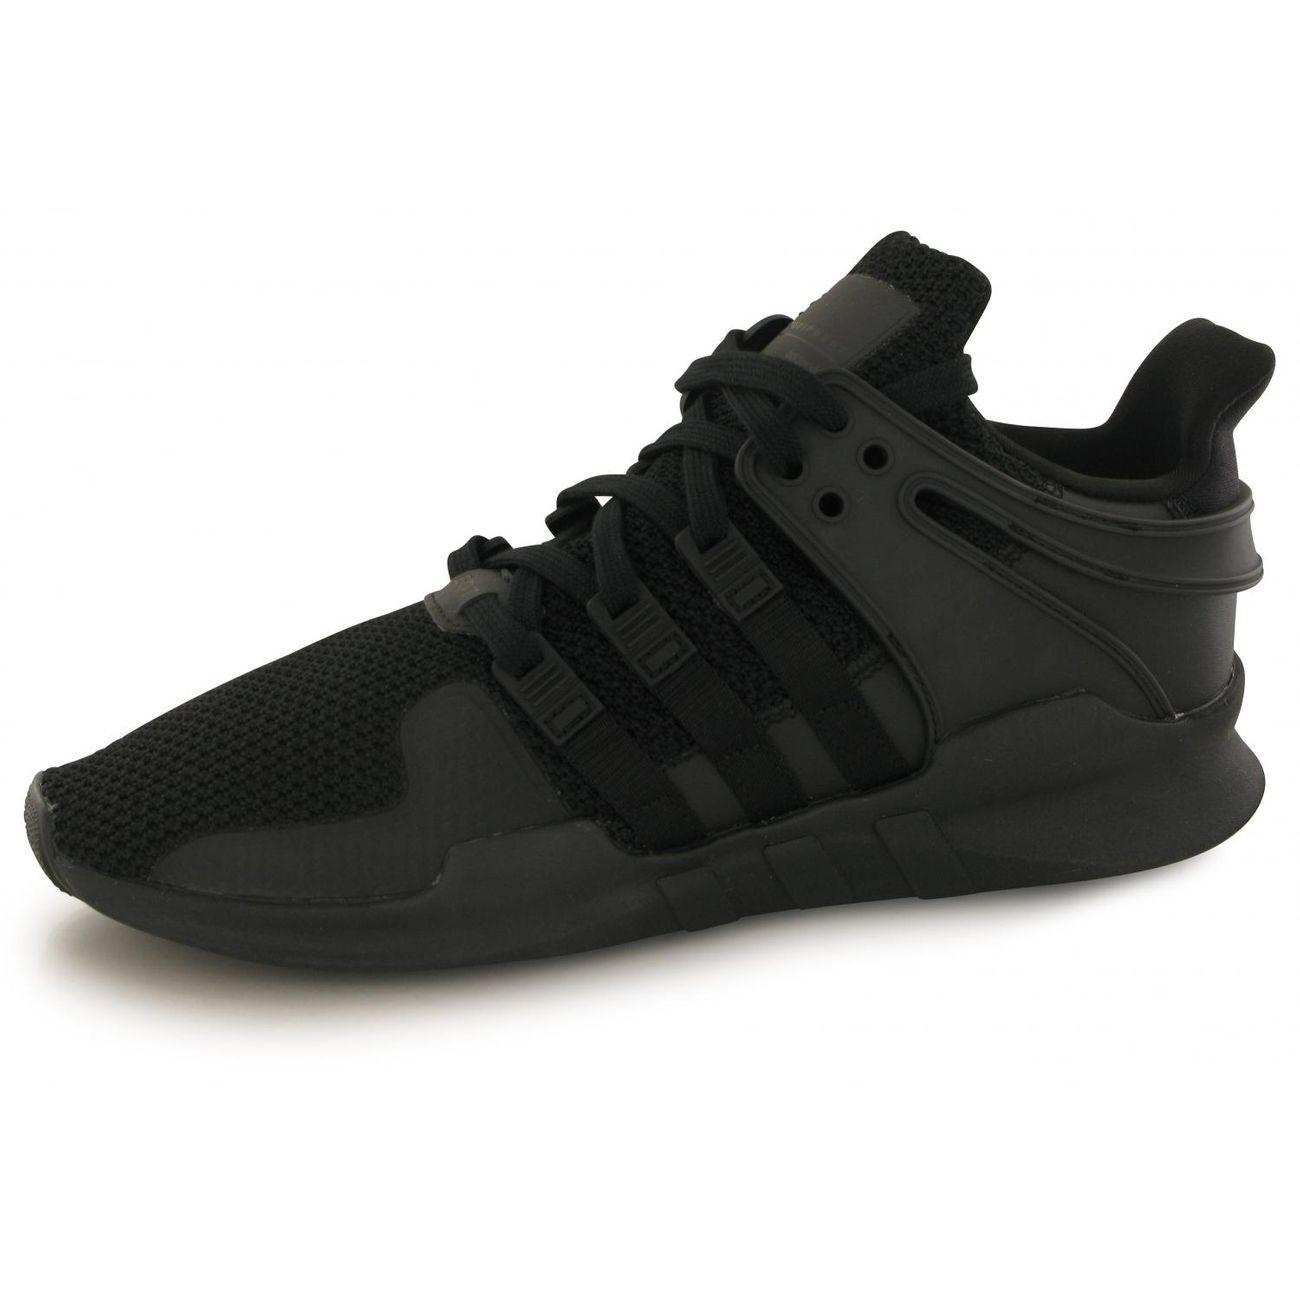 Homme CQ3006 Noir Adidas Originals EQT Equipment Support ADV